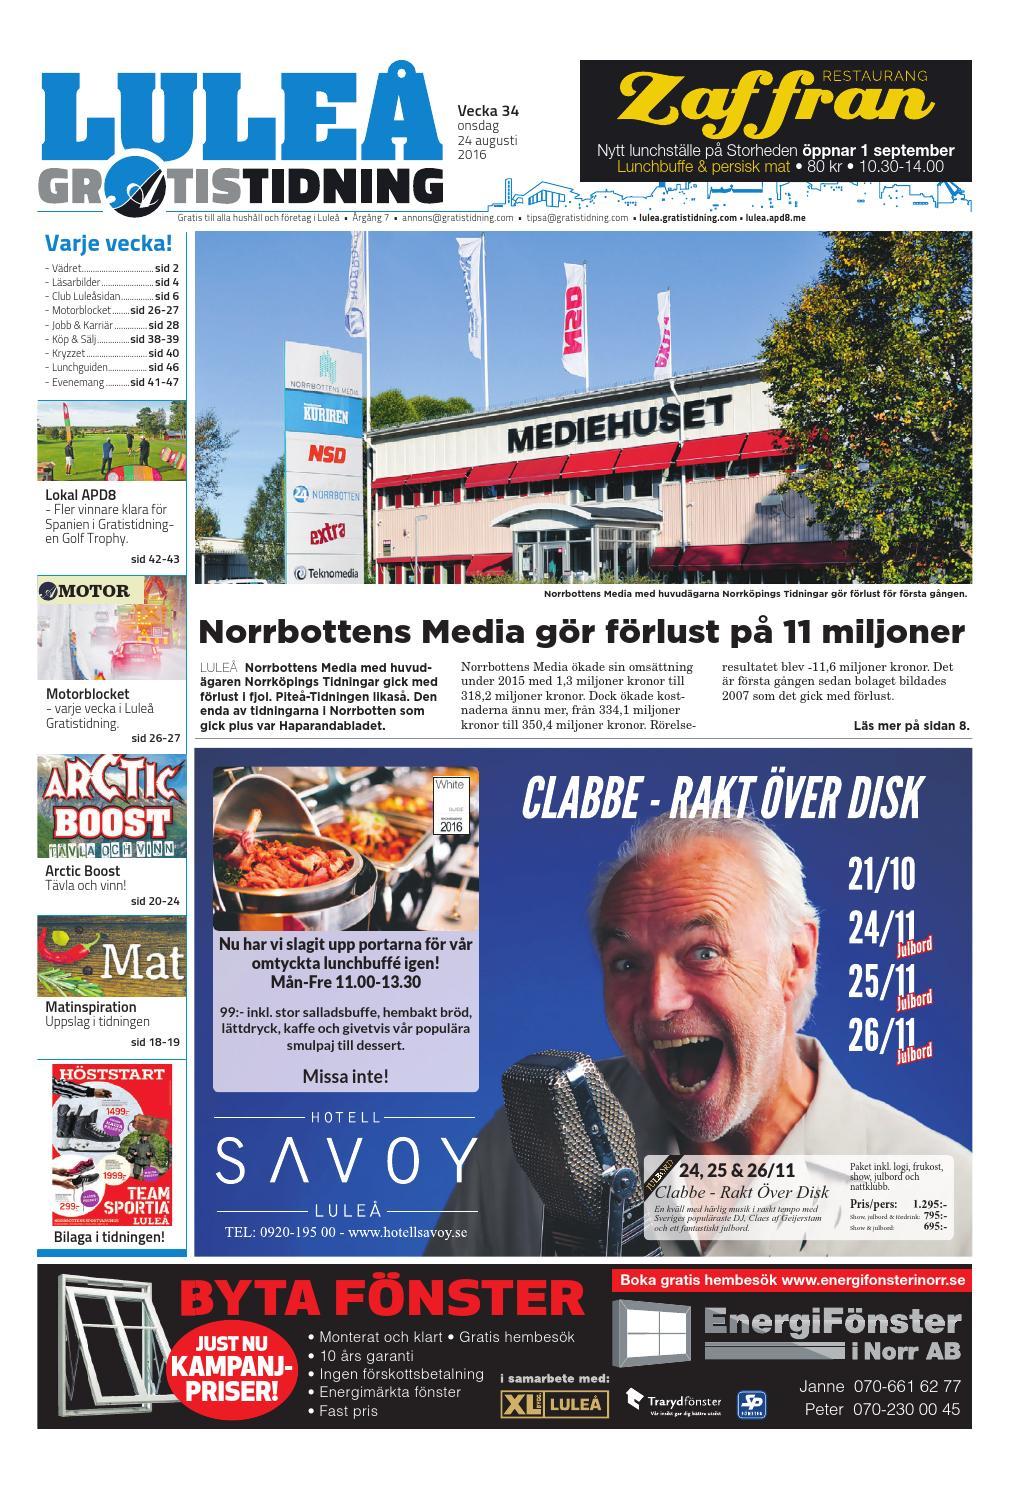 huge discount 25d82 f362d Luleå Gratistidning med Team Sportia bilaga by Svenska Civildatalogerna AB  - issuu